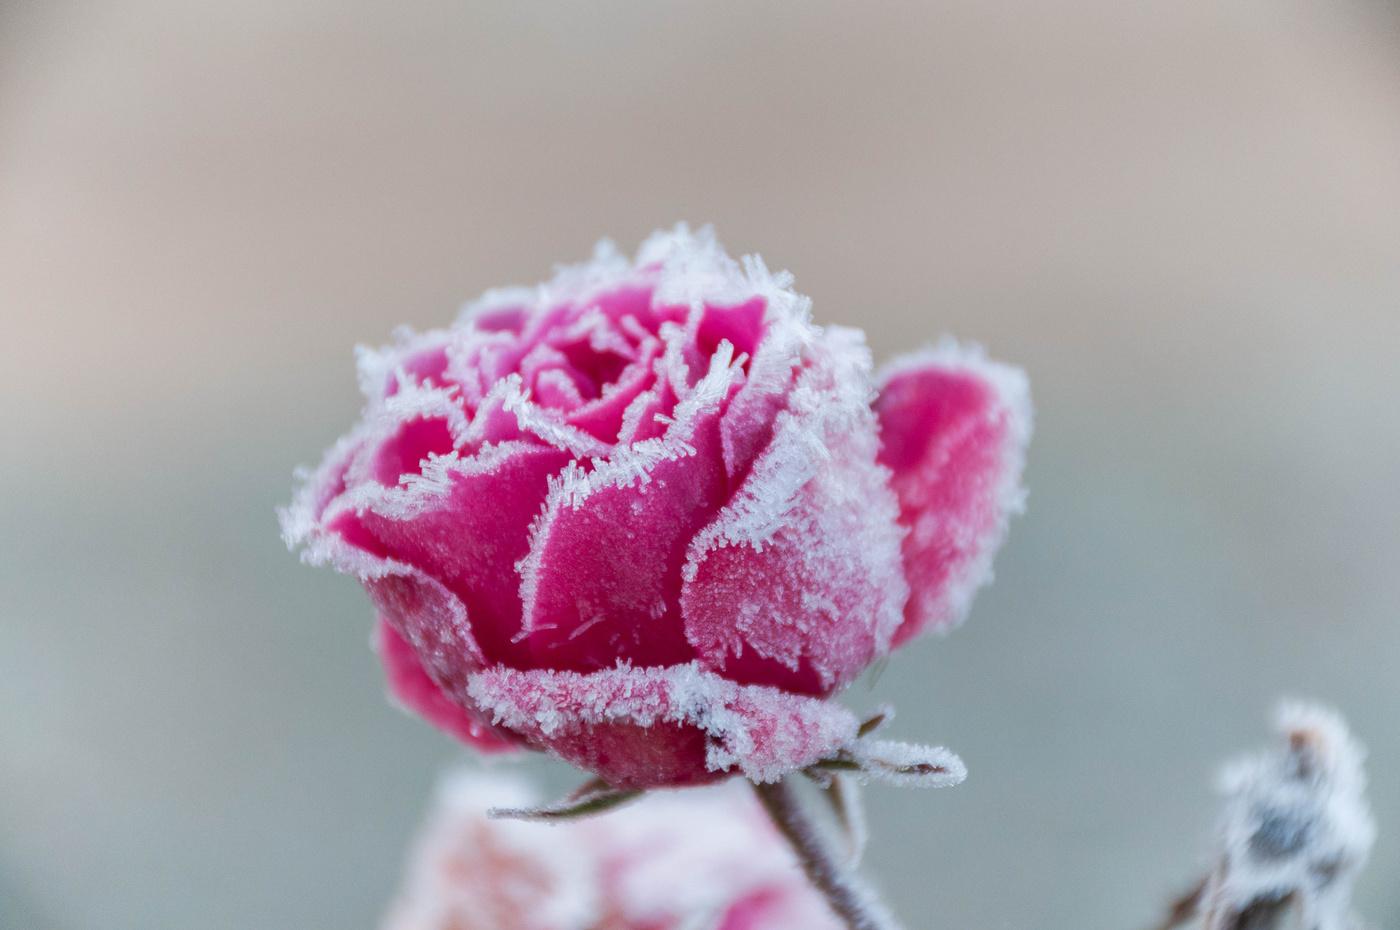 розовые розы на снегу фото чтоб отчете форме